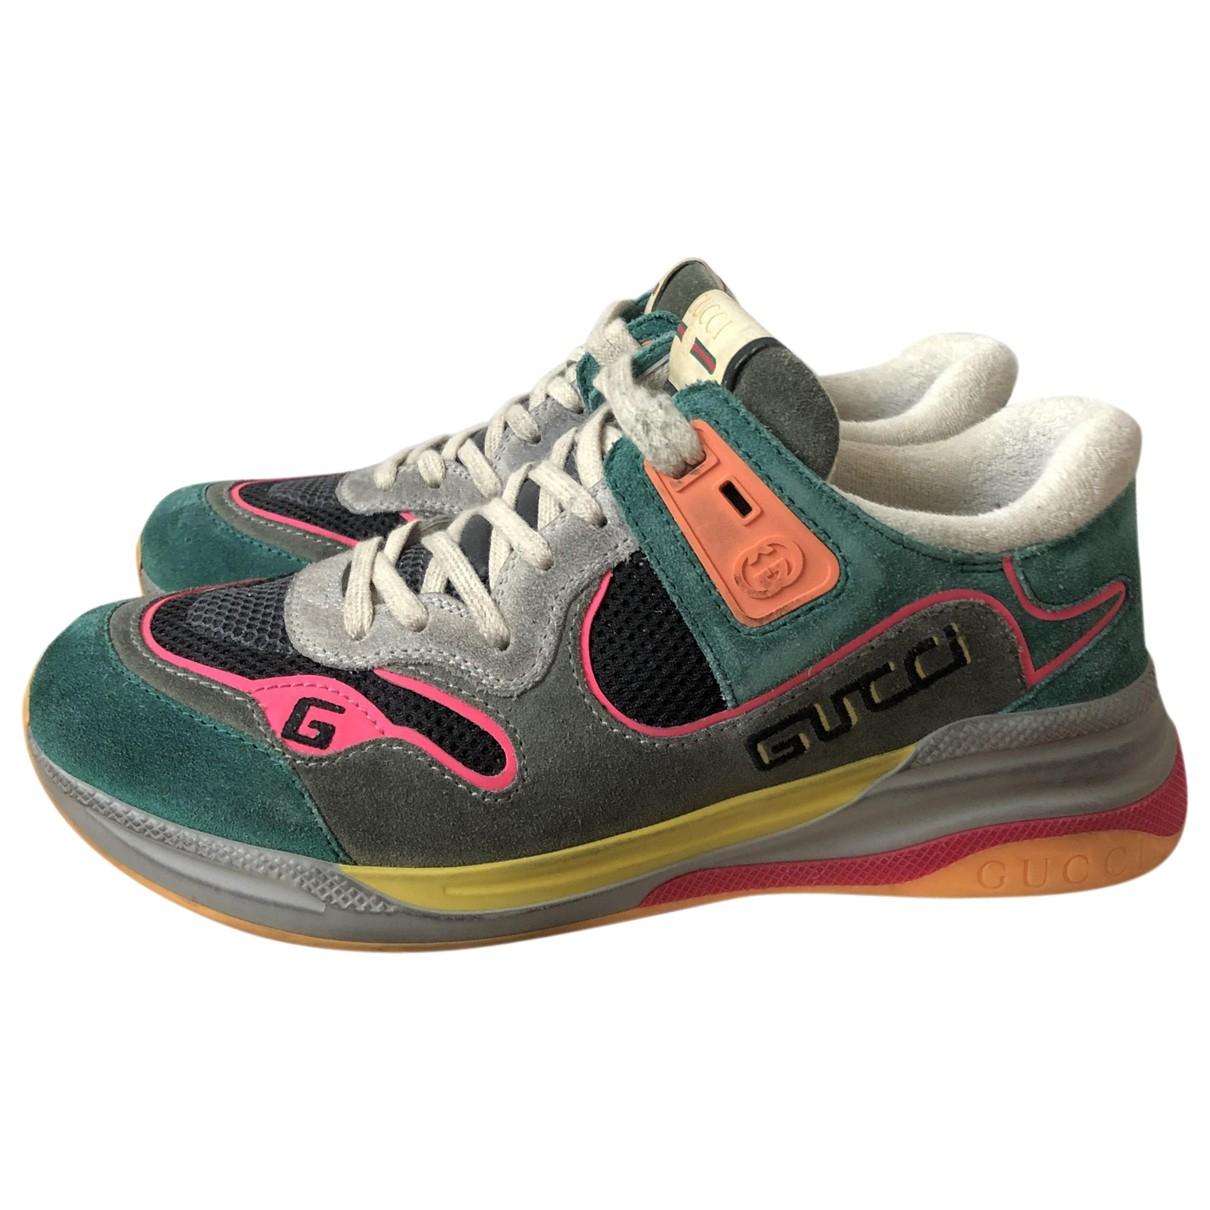 Gucci - Baskets Ultrapace pour homme en suede - multicolore